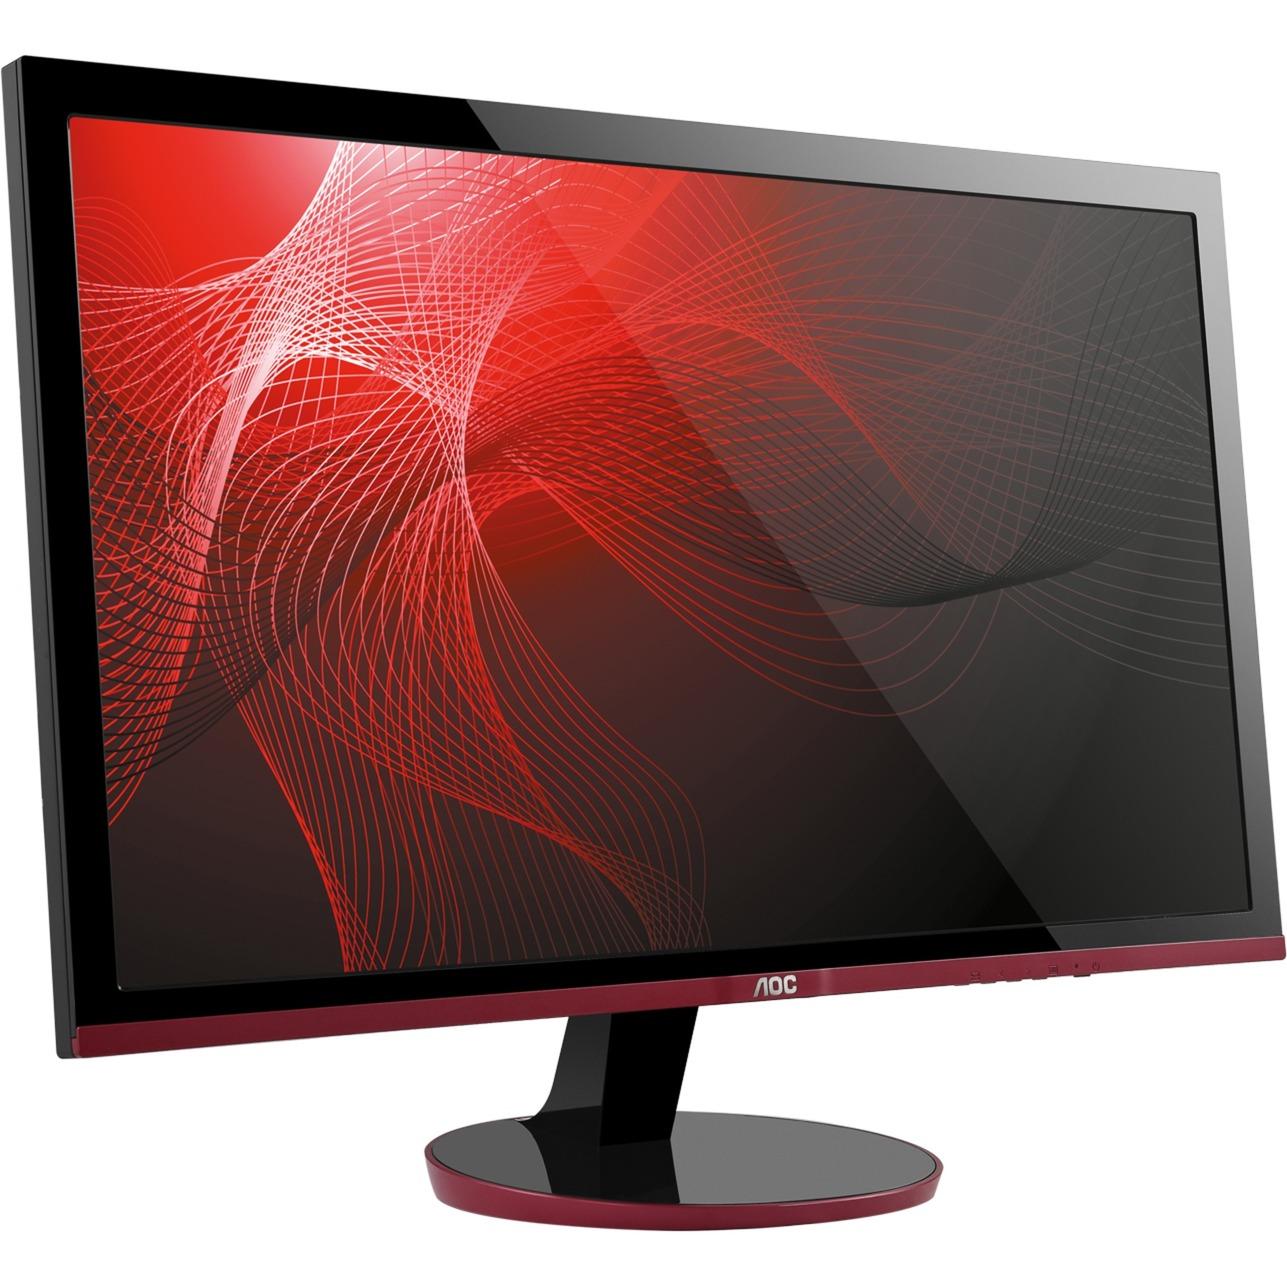 """G2778VQ 27"""" Full HD Negro, Rojo pantalla para PC, Monitor LED"""